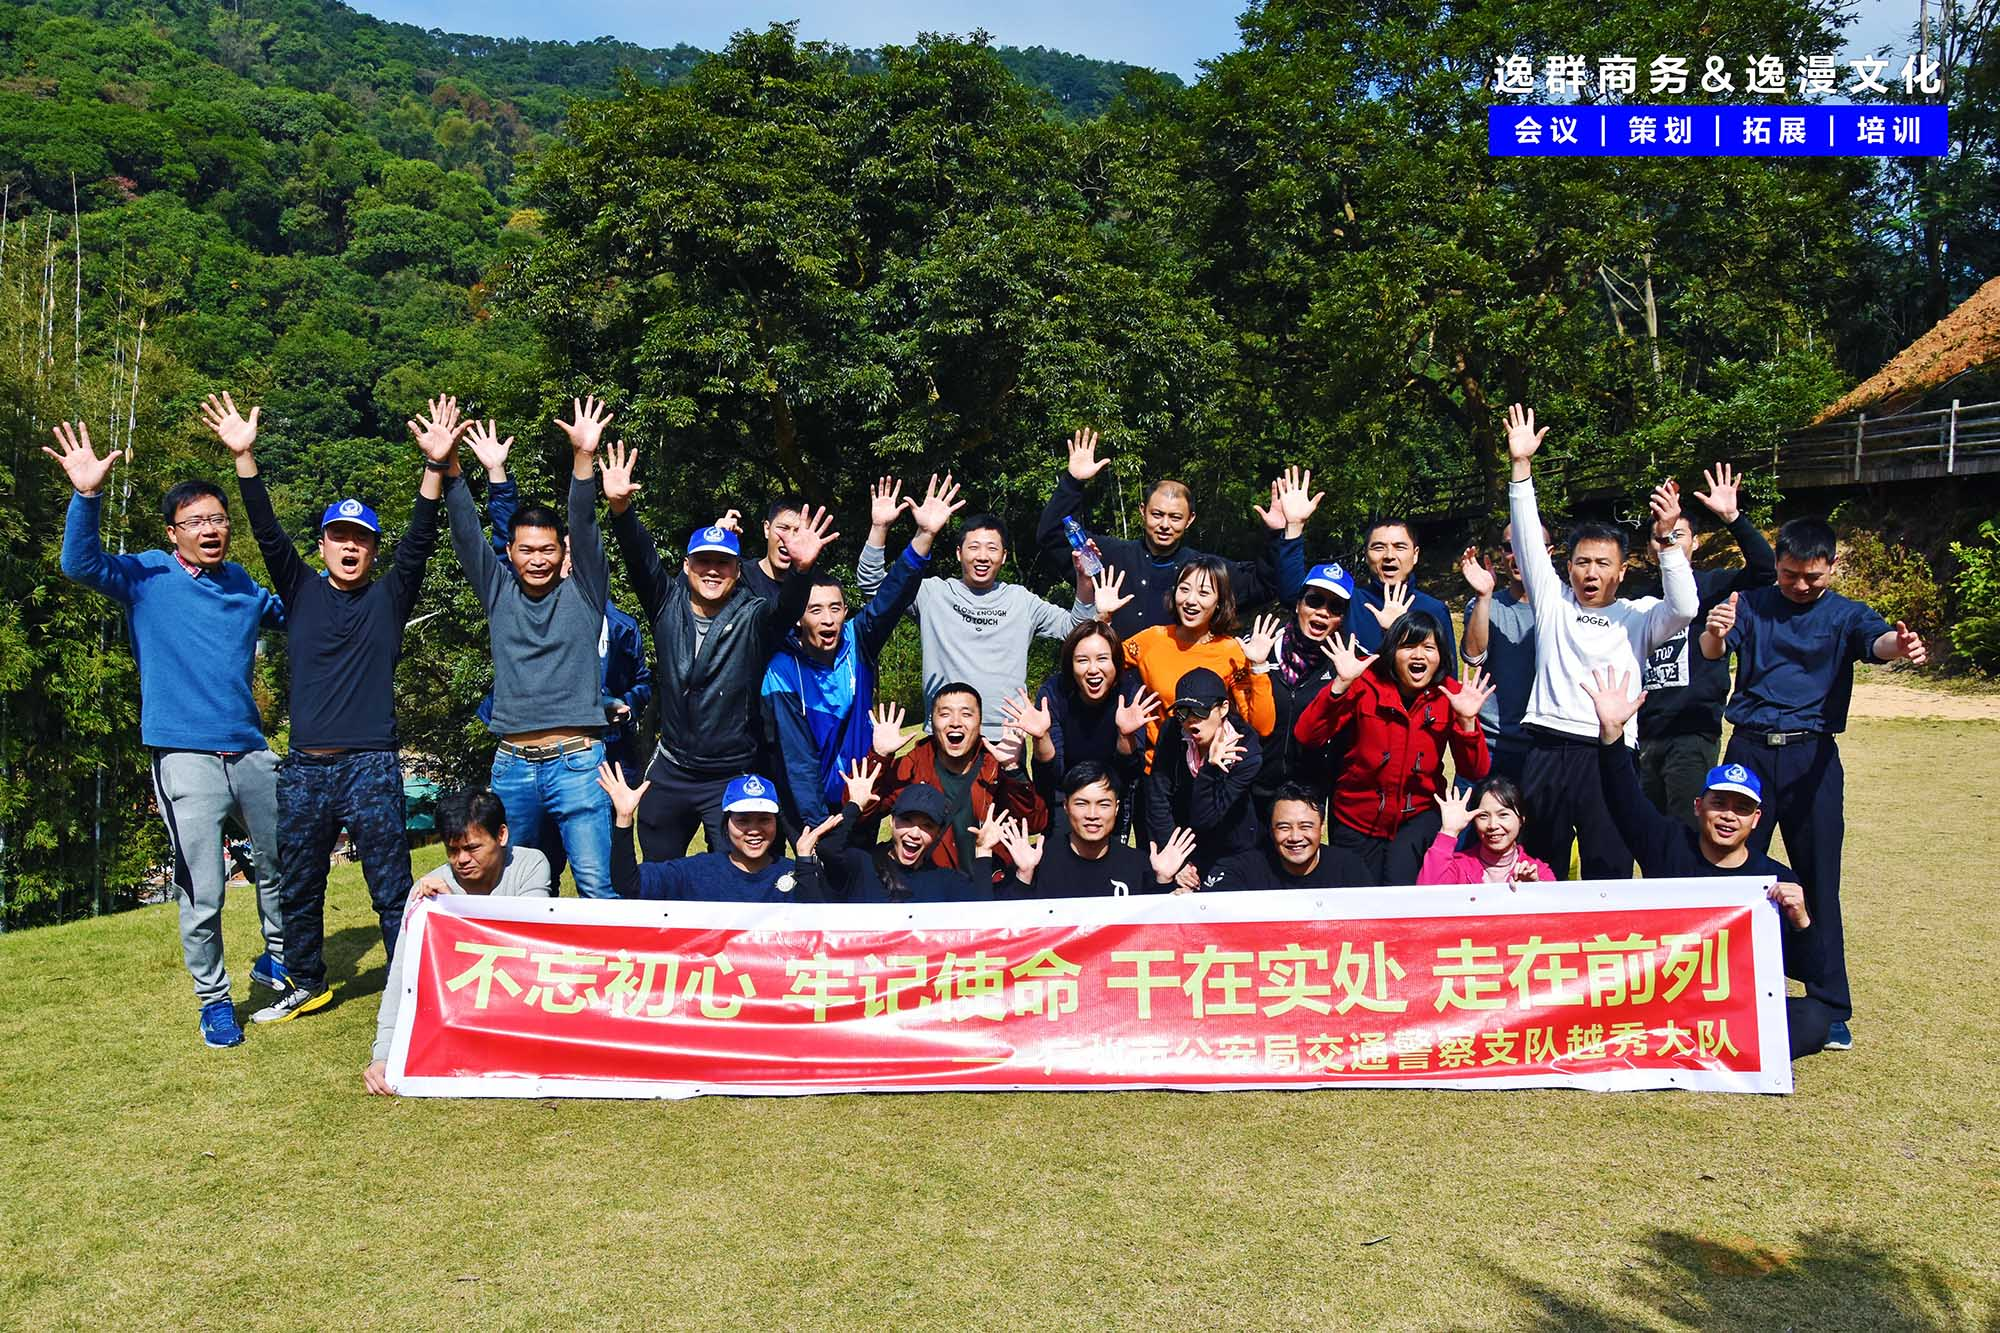 20190108广州市公安局交通警察优秀大队